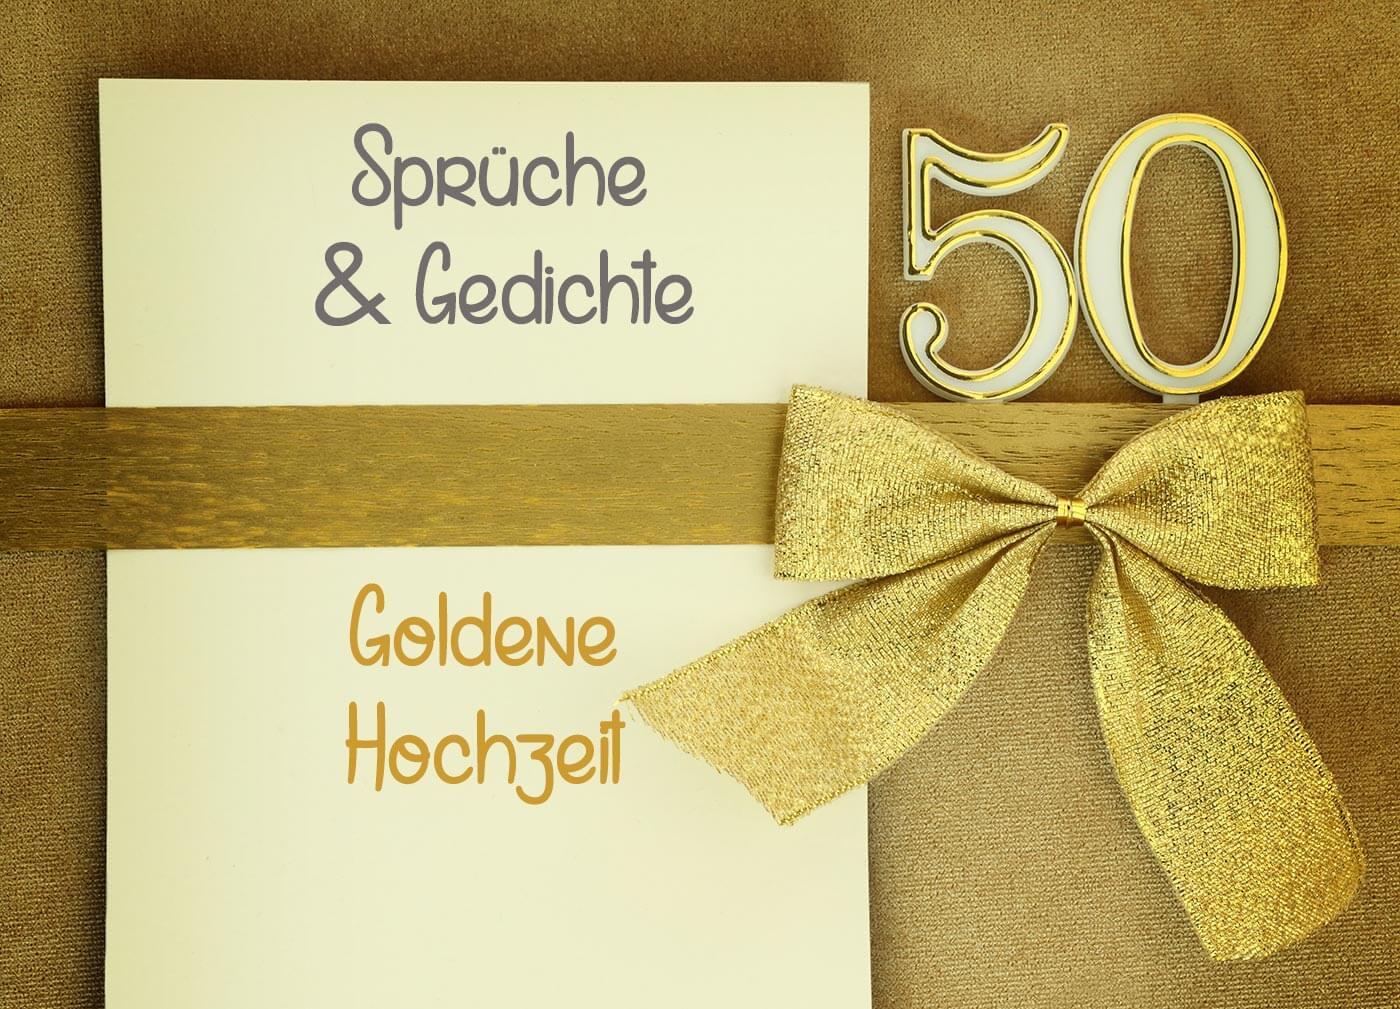 50 Jahre Hochzeit  Sprüche zur Goldenen Hochzeit Zitate Gedichte